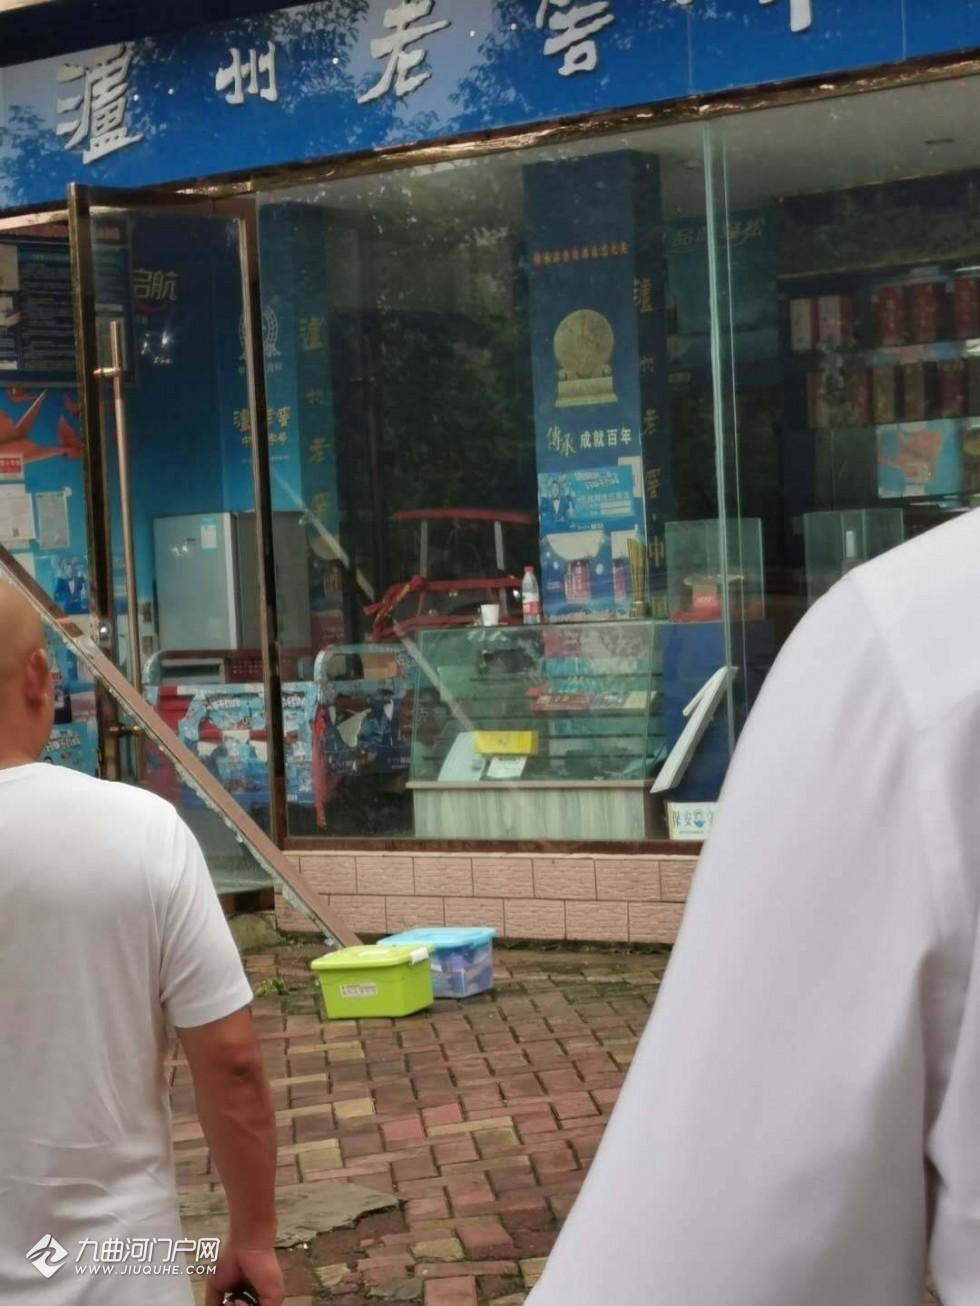 位于资阳三贤的一家烟酒店铺被盗,门店左边玻璃被打碎,烟酒和现金损失惨重!